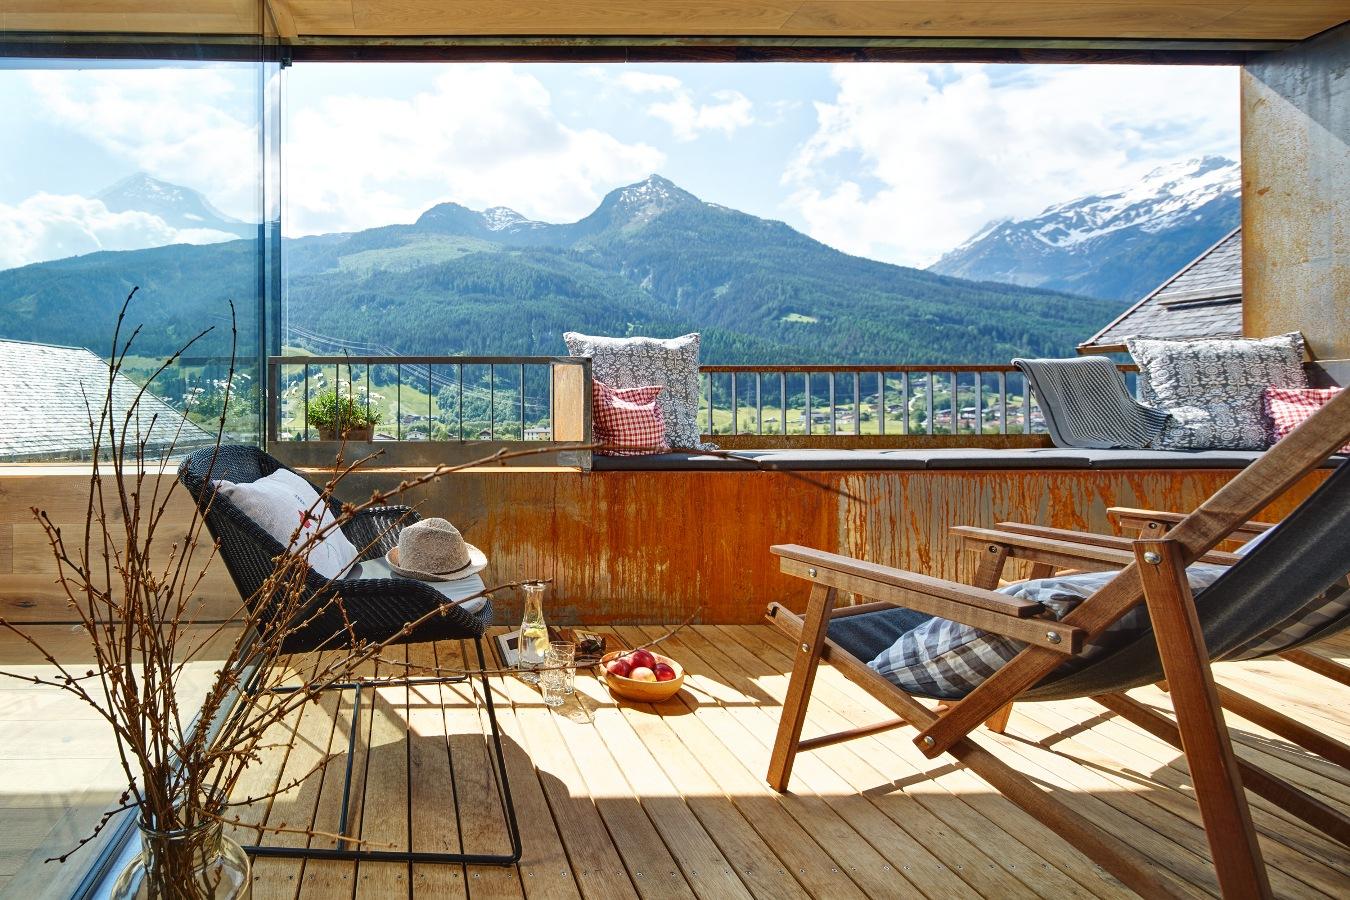 Imagebild Terrasse Süd Aussicht auf die umliegenden Berge